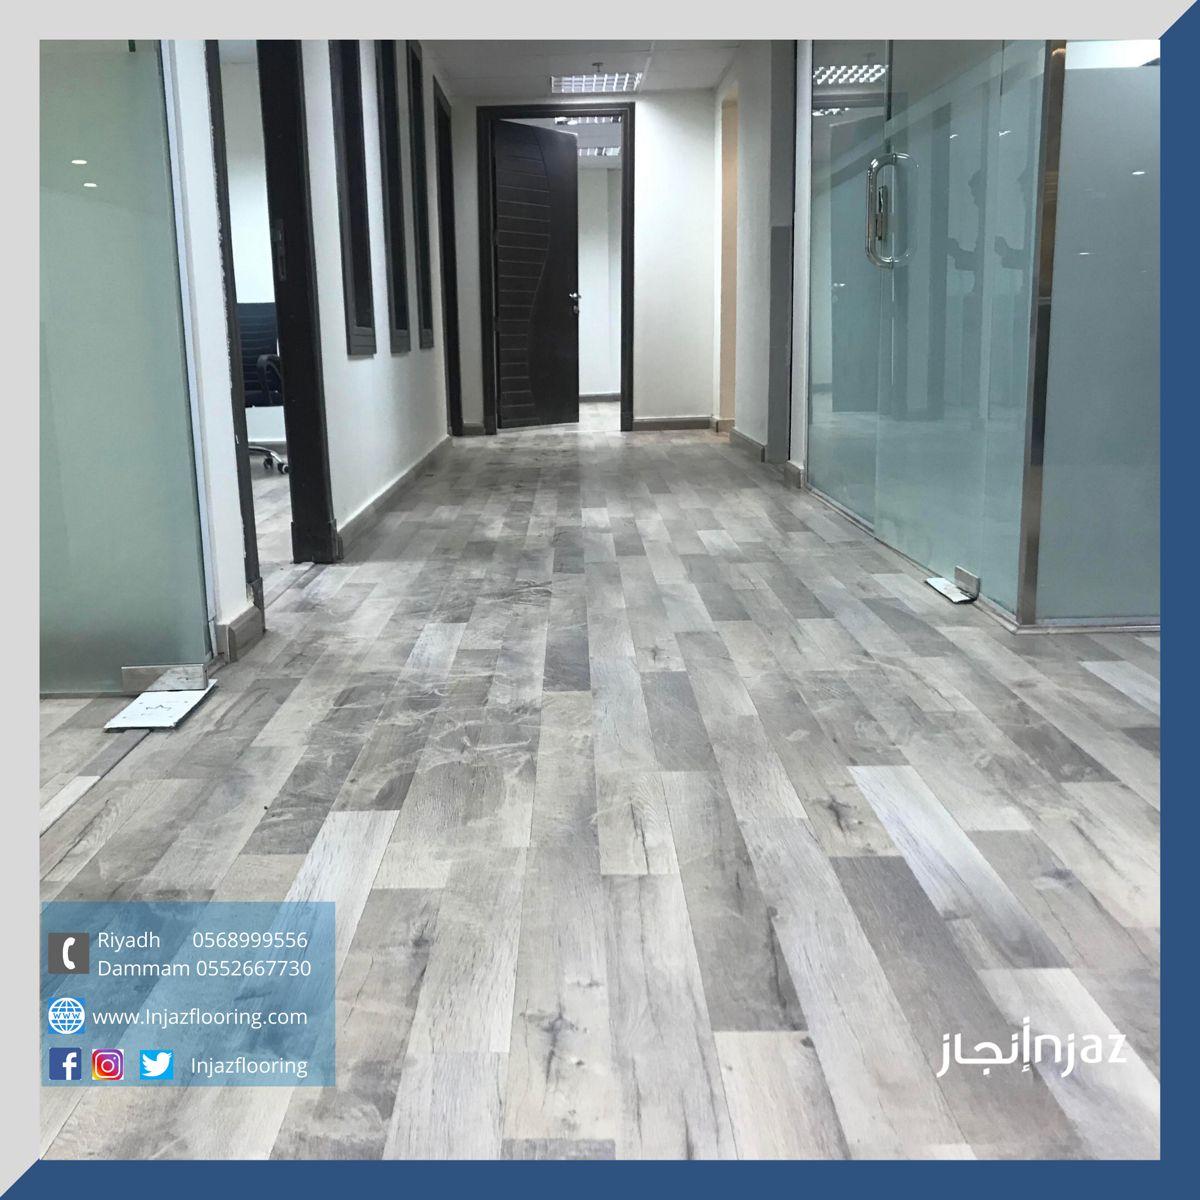 من أعمالنا تركيب باركيه صيني سماكة 6ملم في مساحة مكتبية Flooring Tile Floor